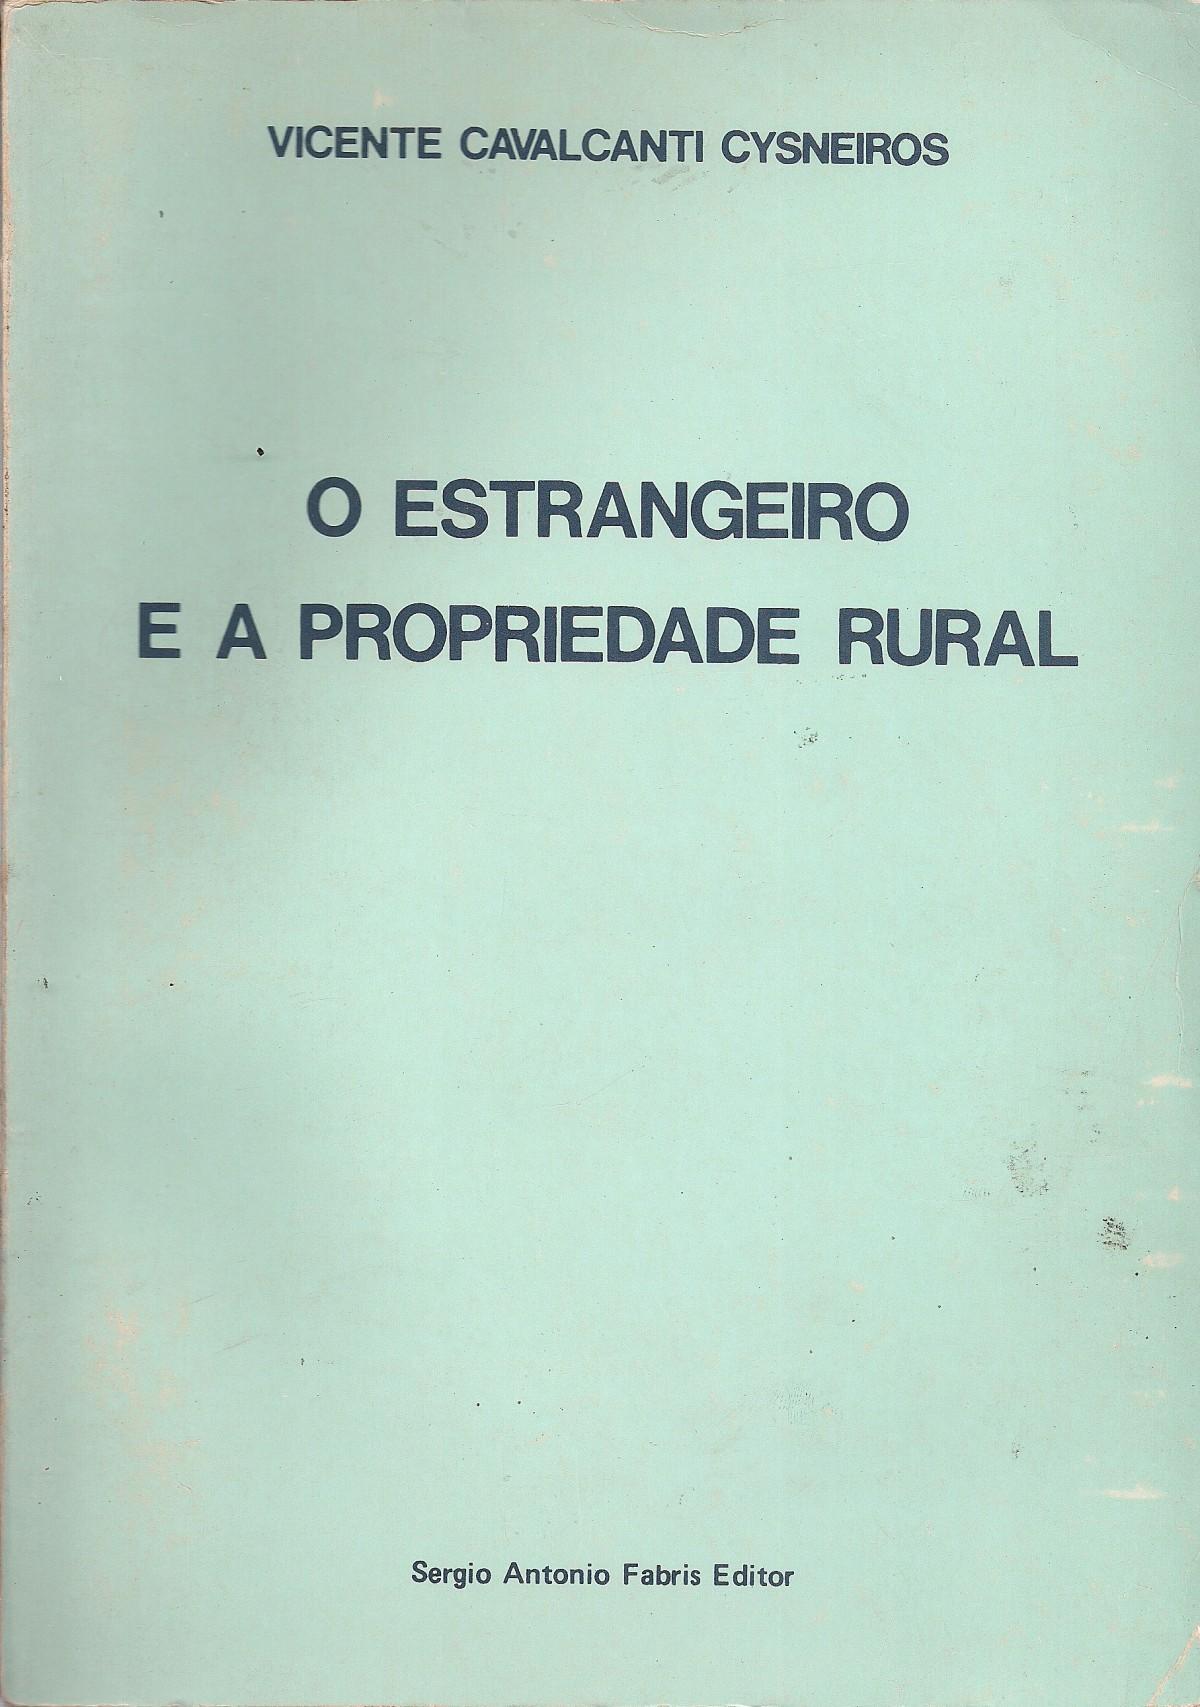 Foto 1 - O Estrangeiro e a Propriedade Rural